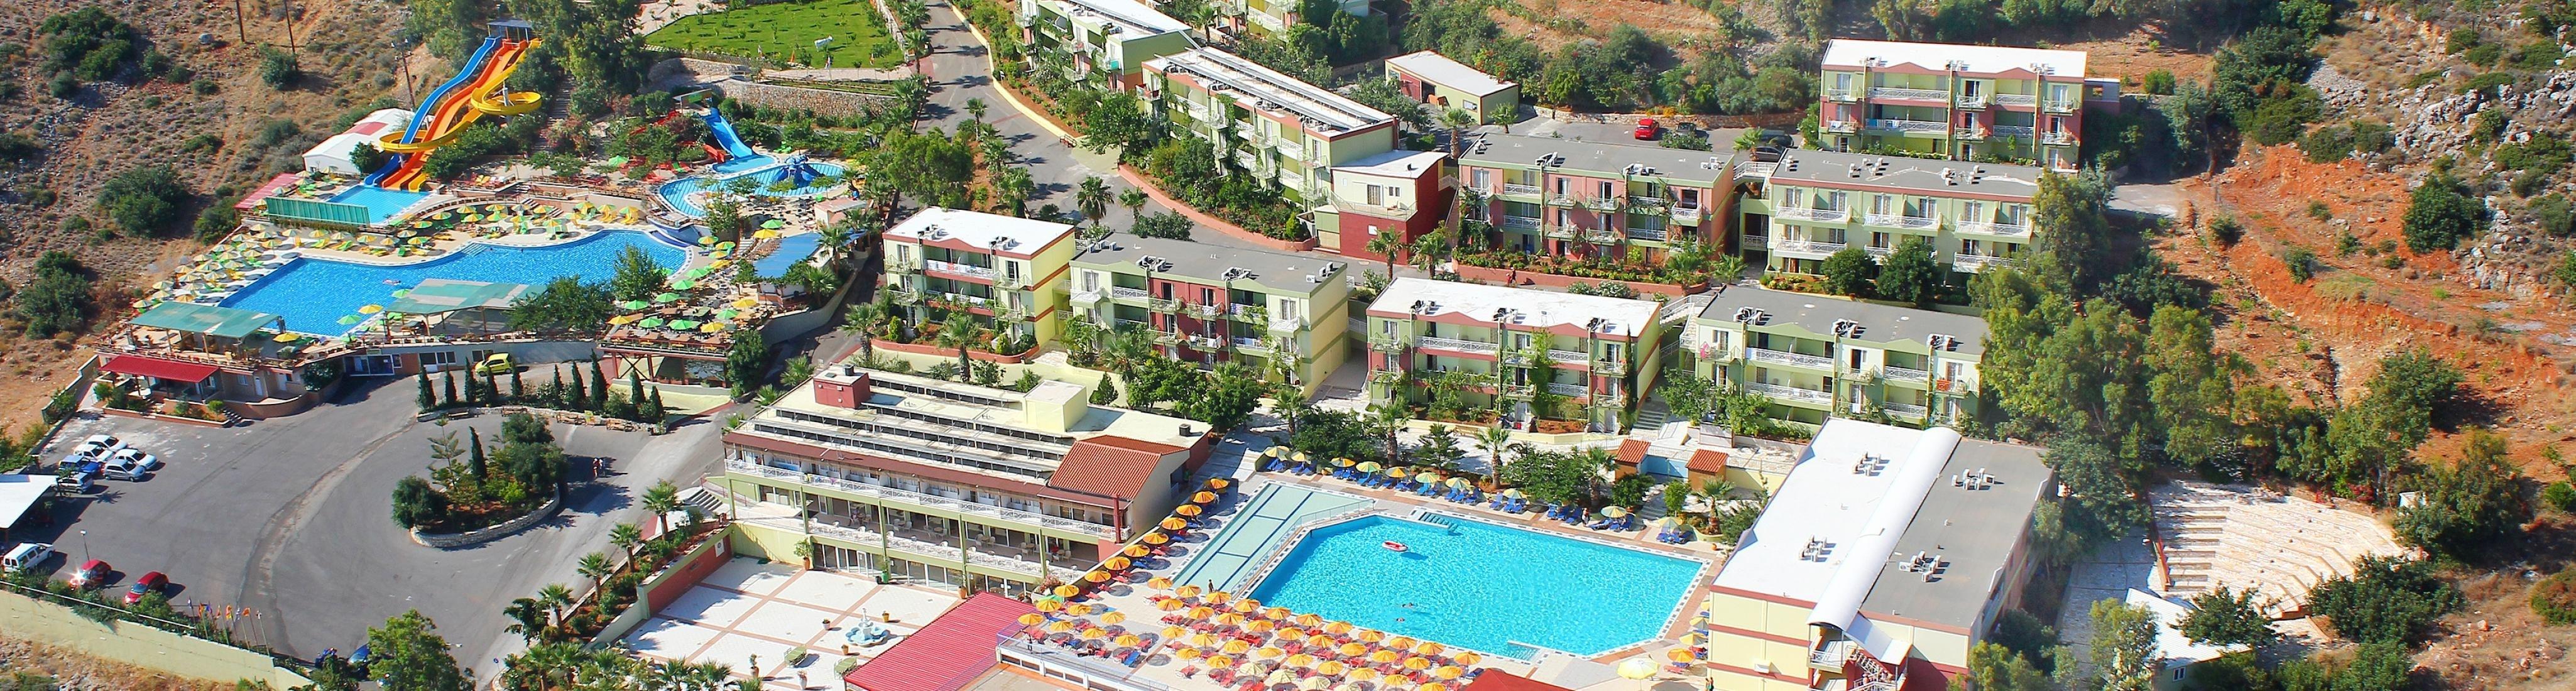 4* Aqua Sun Village - Χερσόνησος, Κρήτη εικόνα